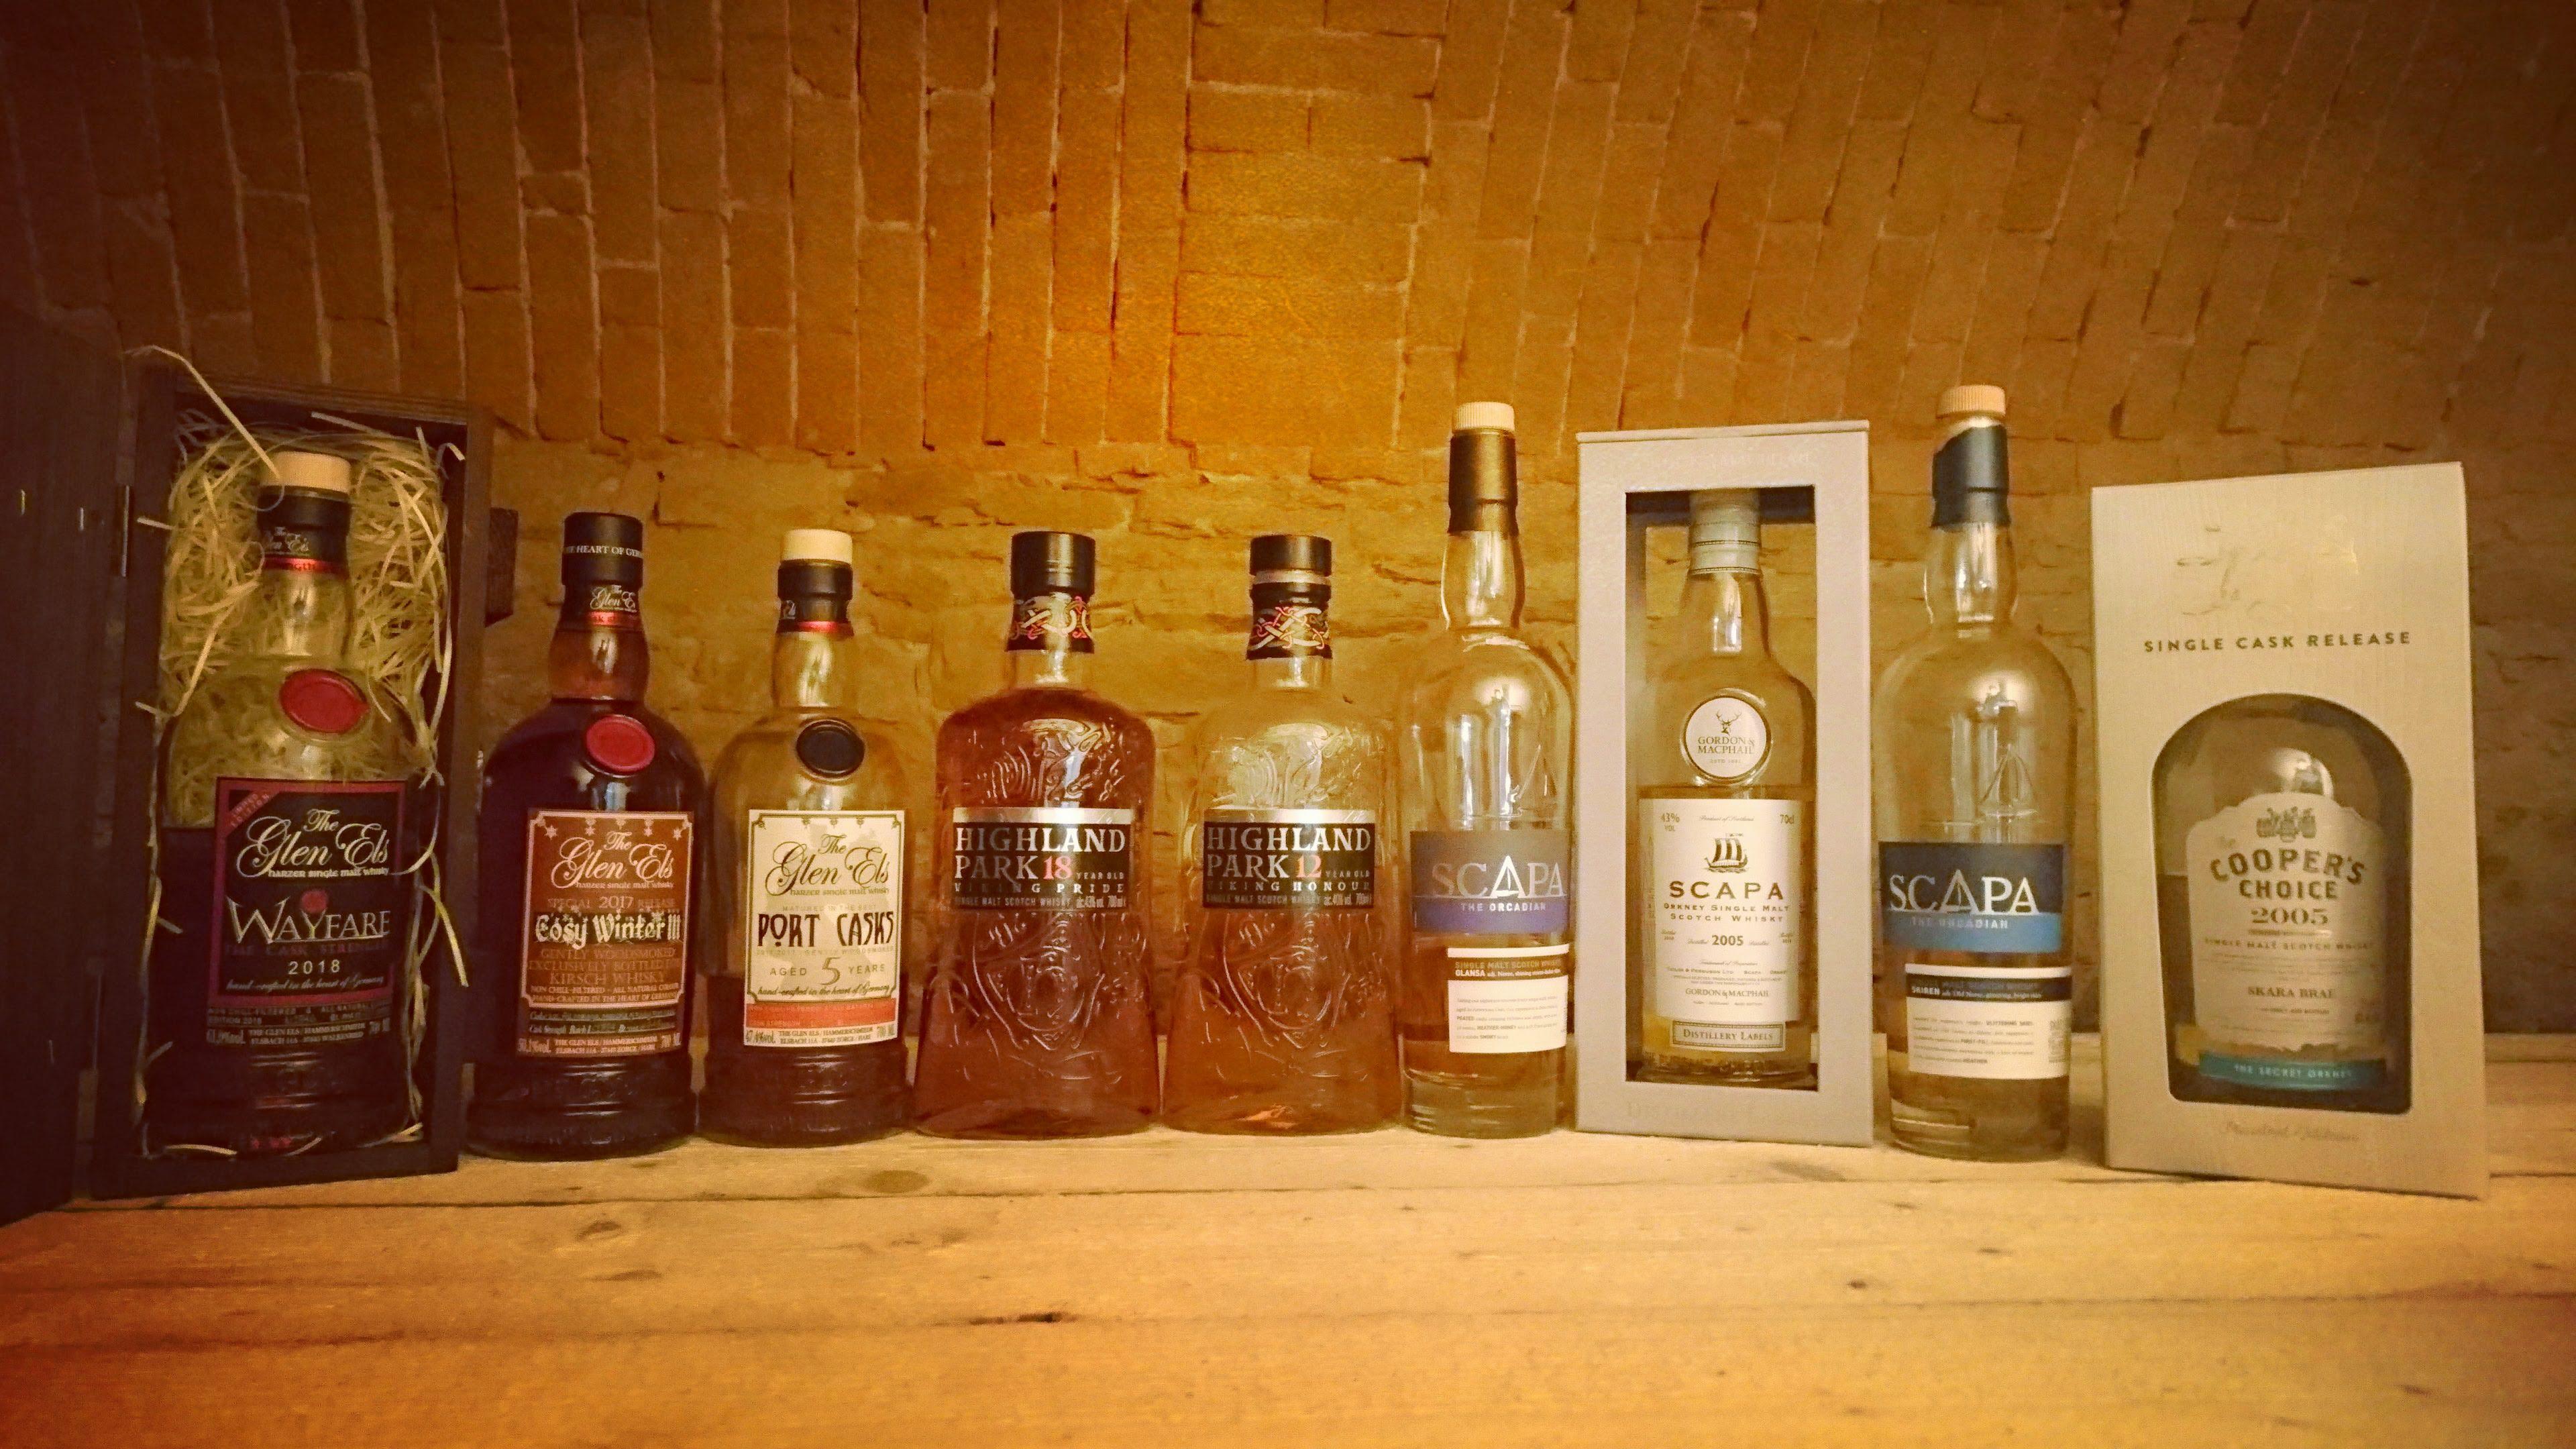 Neun verschiedene Whisky-Flaschen nebeneinander auf dem neuen Tisch im Gewölbekeller angeordnet